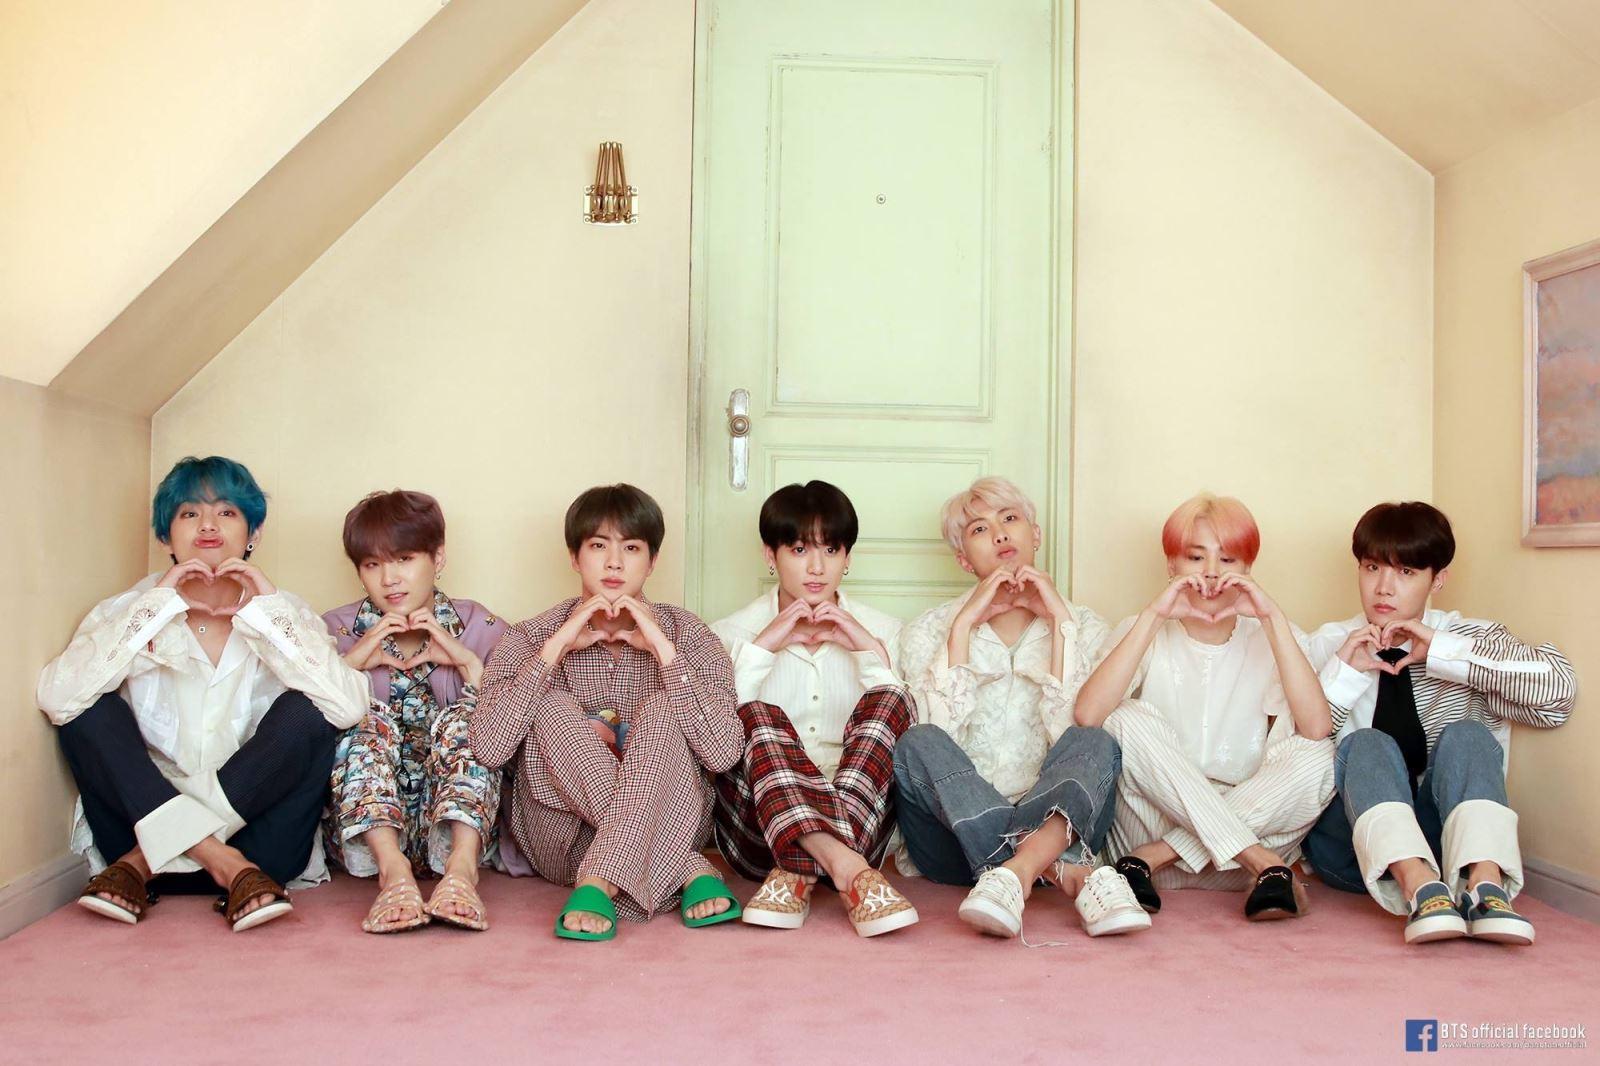 BTS Jin, BTS nhập ngũ, BTS vào quân đội, Bighit xác nhận BTS không nhập ngũ, không có ngoại lệ cho BTS